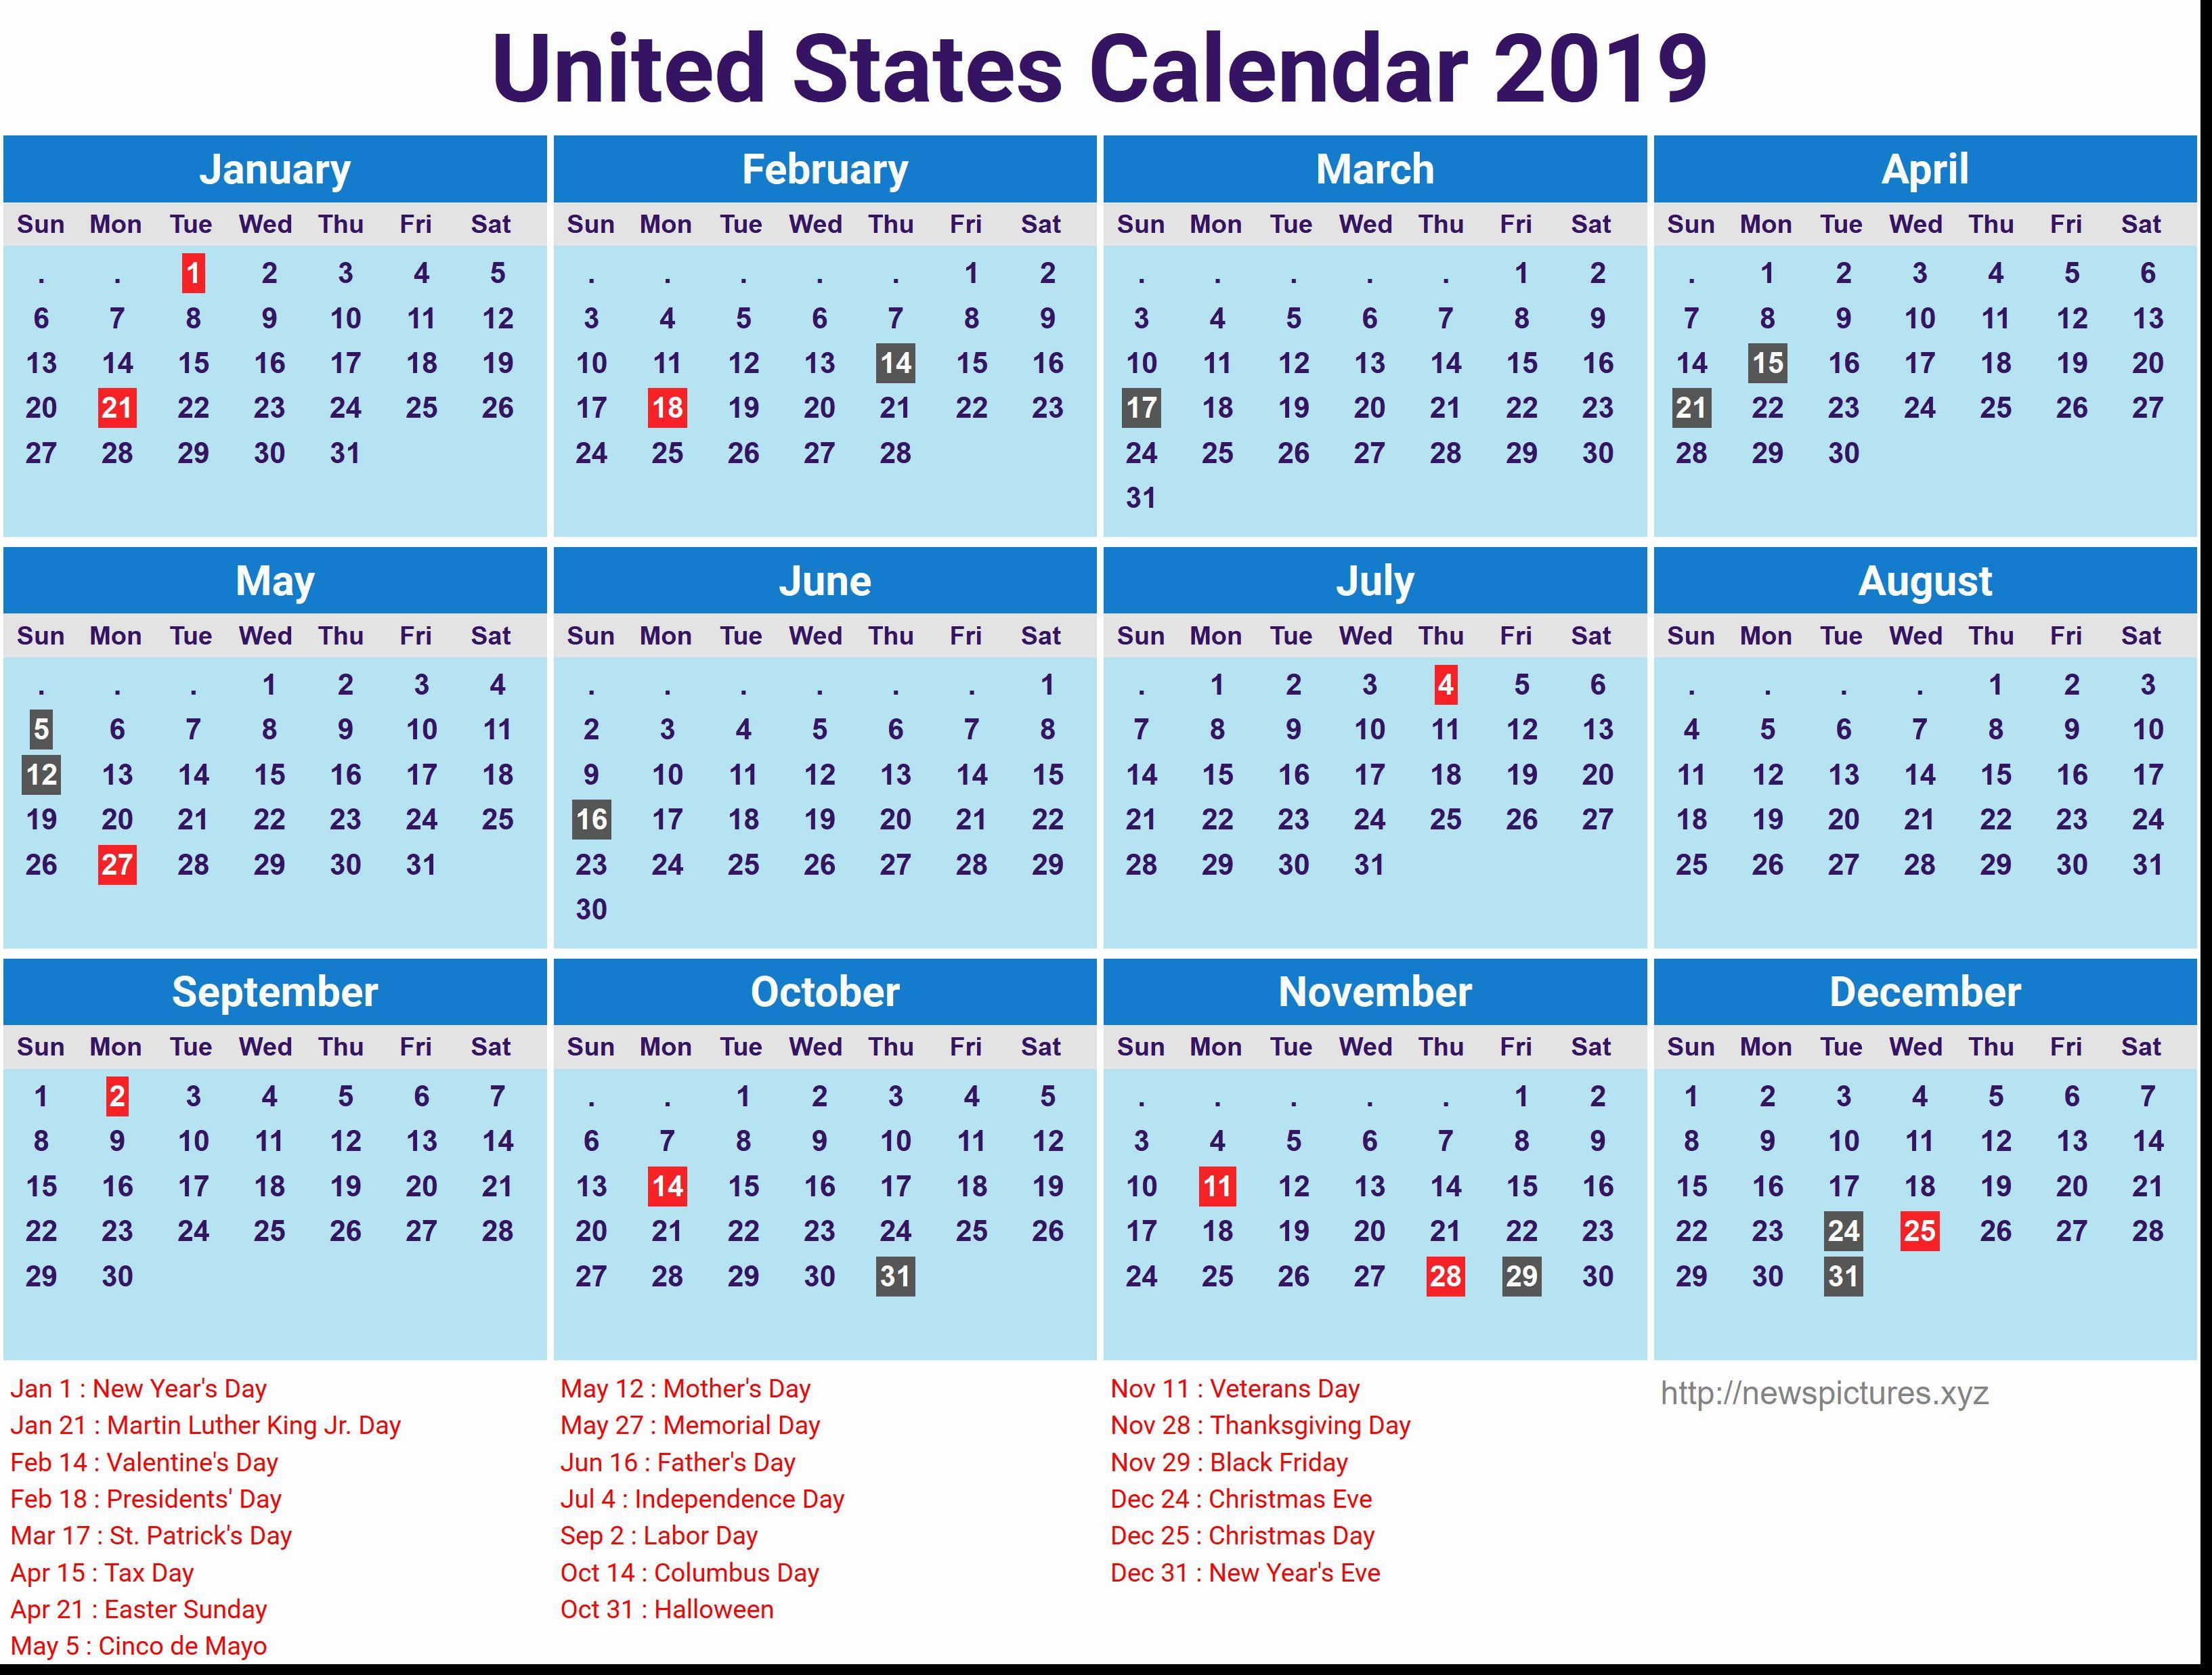 Fresh 47 Illustration Korea Public Holiday Calendar 2020 within University Of Phoenix Holiday Calendar 2020